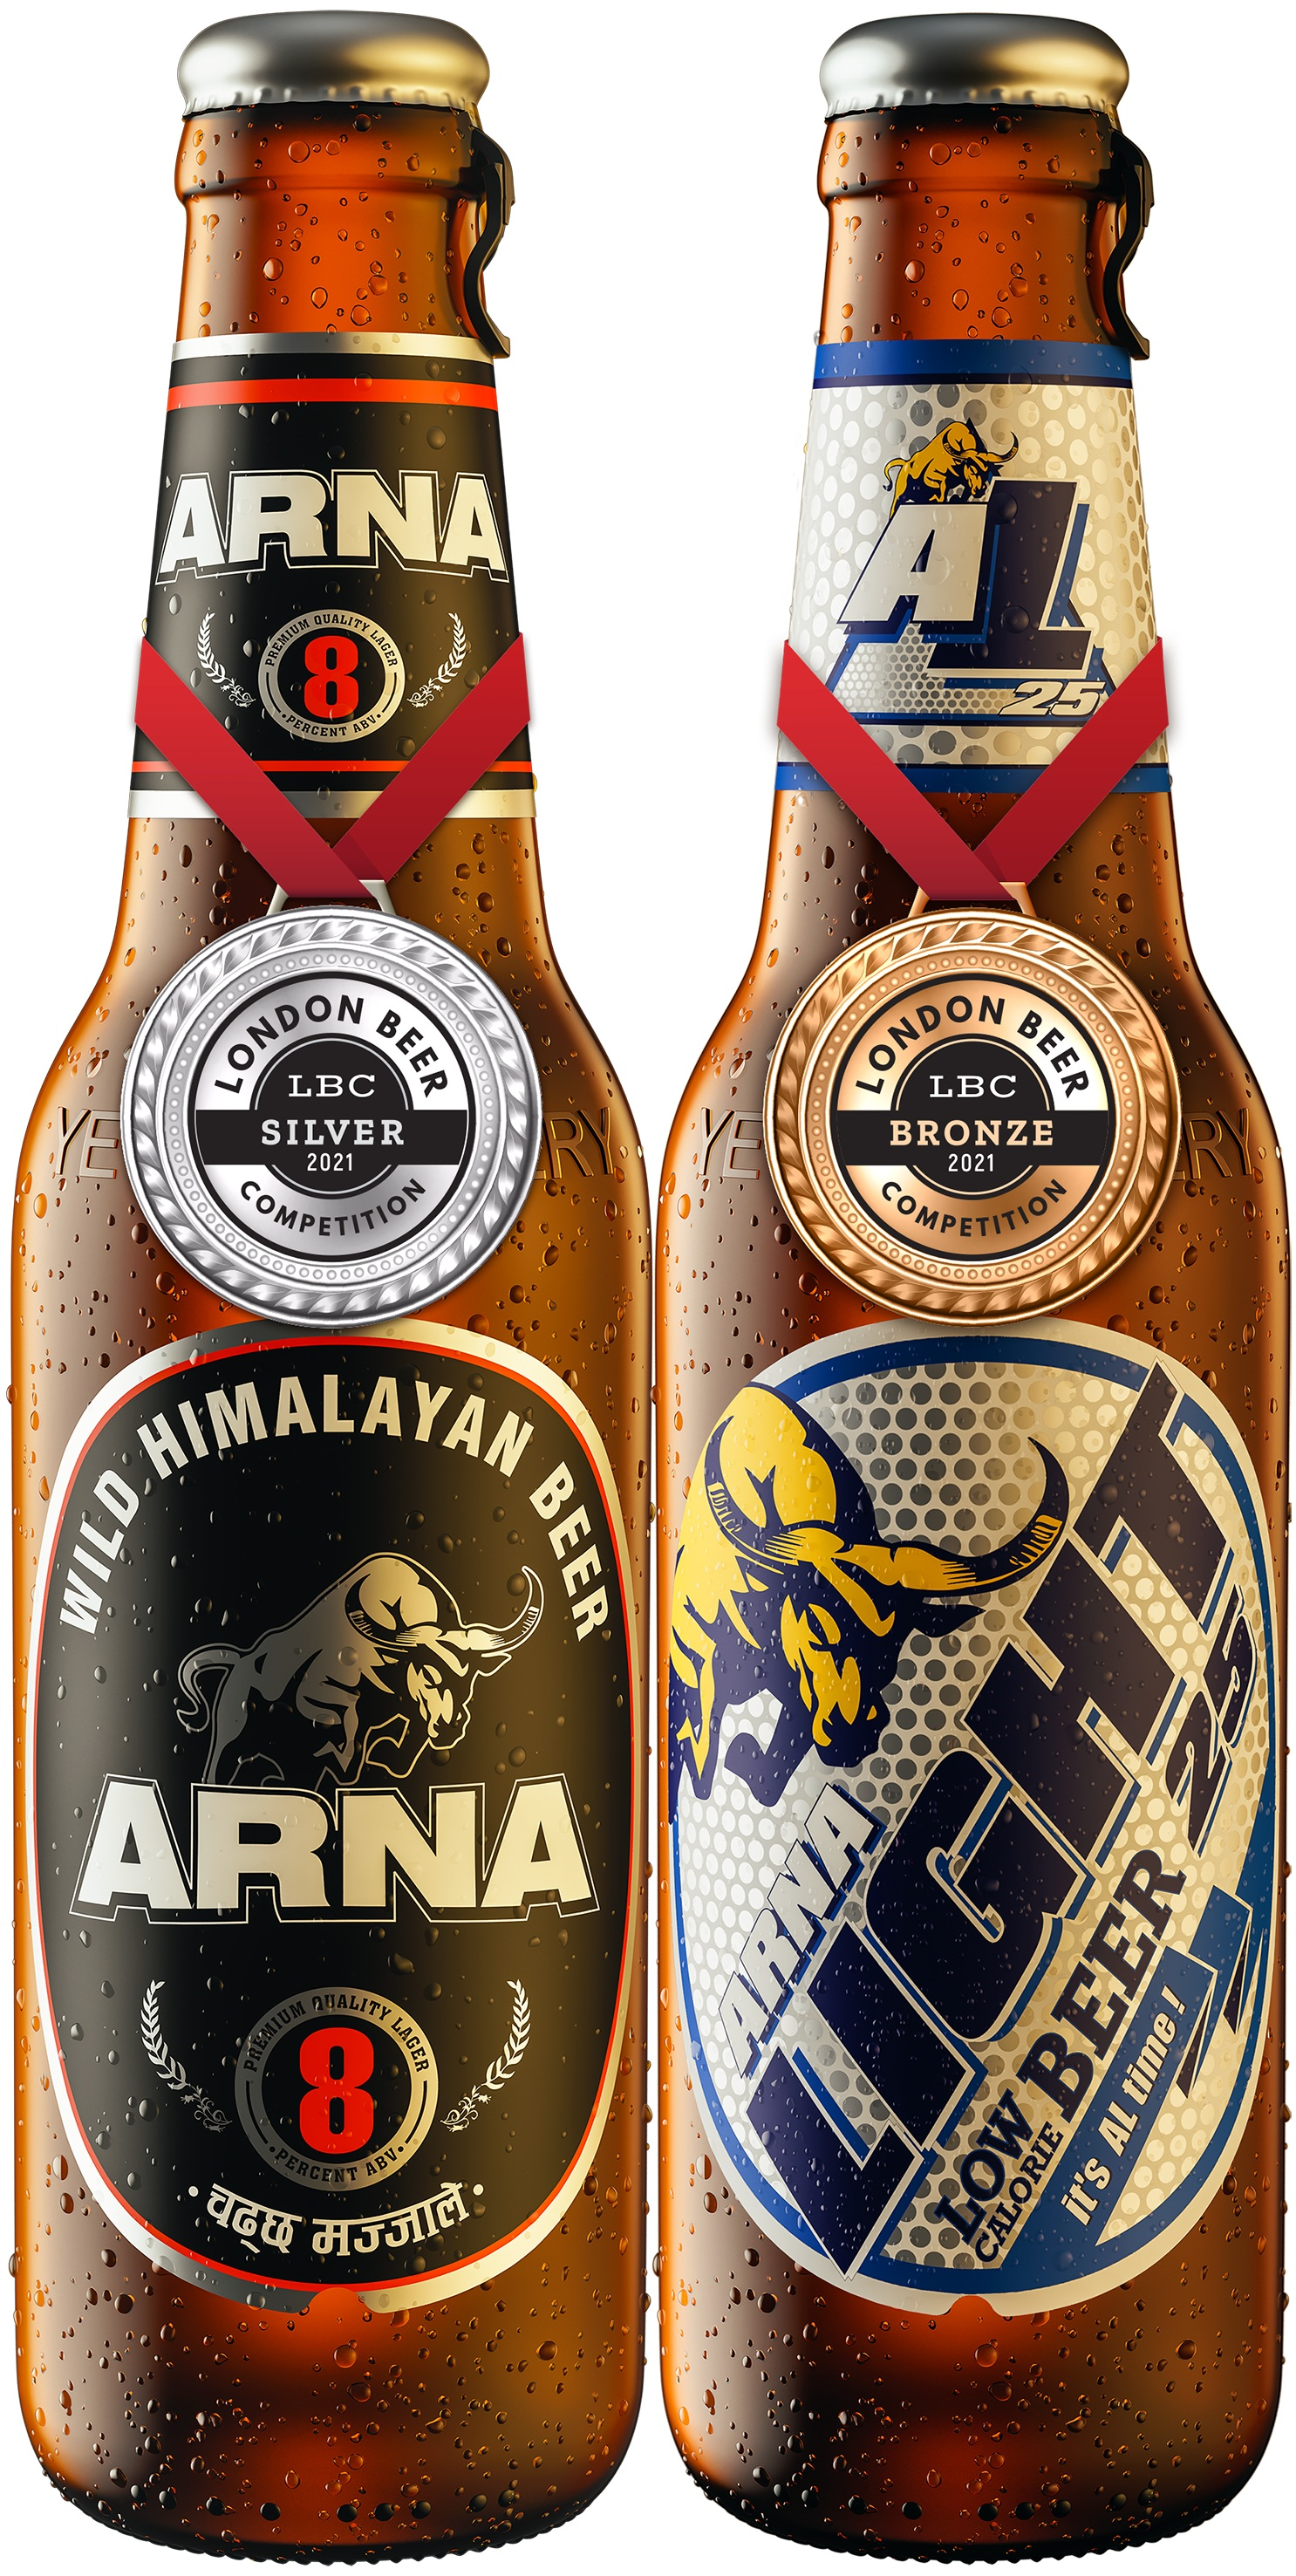 अर्ना बियर लण्डन बियर प्रतियोगितमा बिजयी